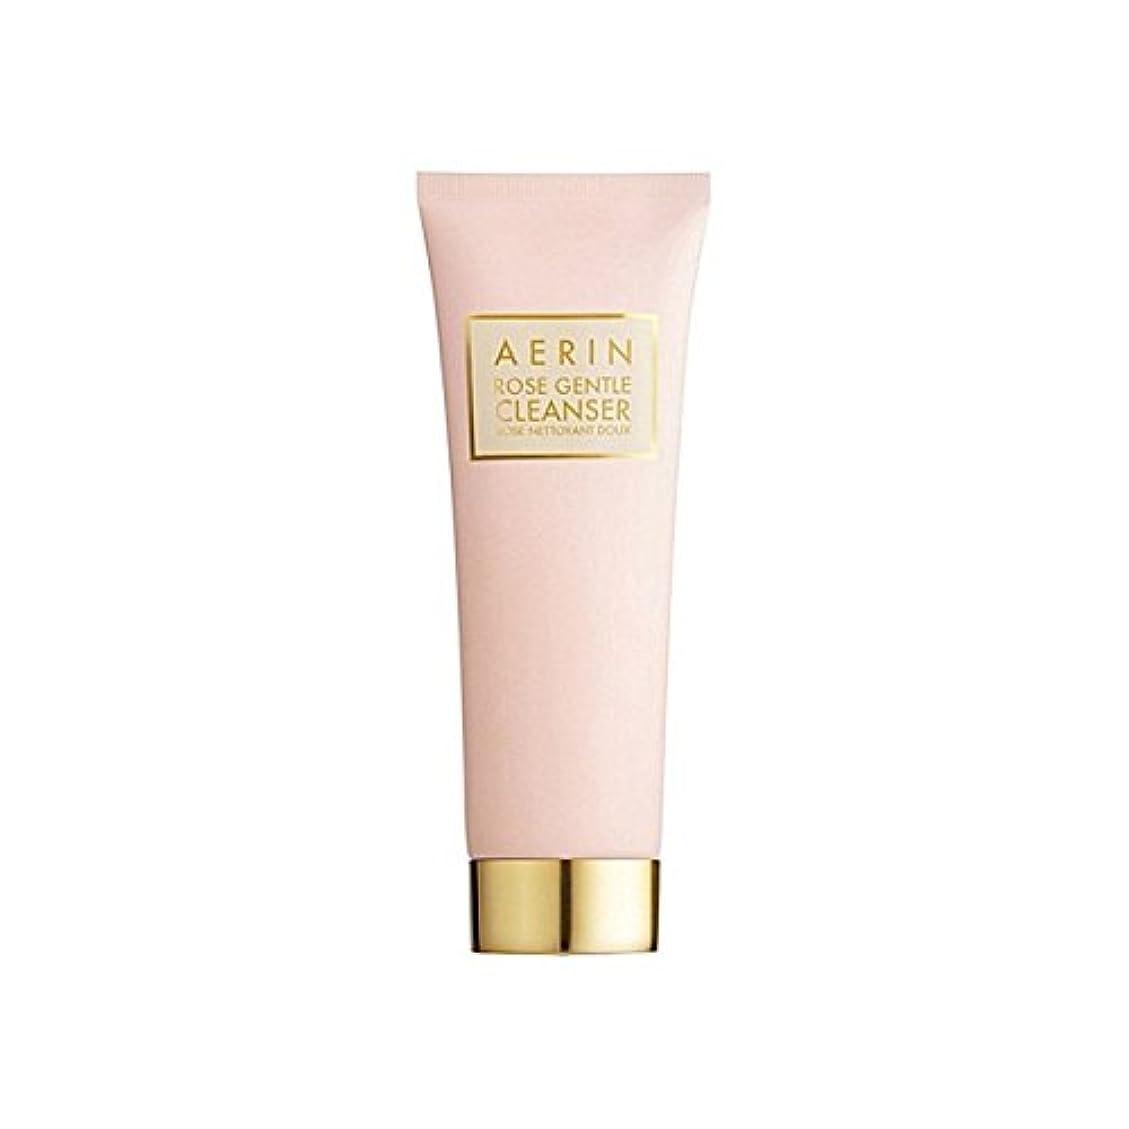 盆地異なるシロクマAerin Rose Gentle Cleanser 125ml (Pack of 6) - はジェントルクレンザーの125ミリリットルをバラ x6 [並行輸入品]